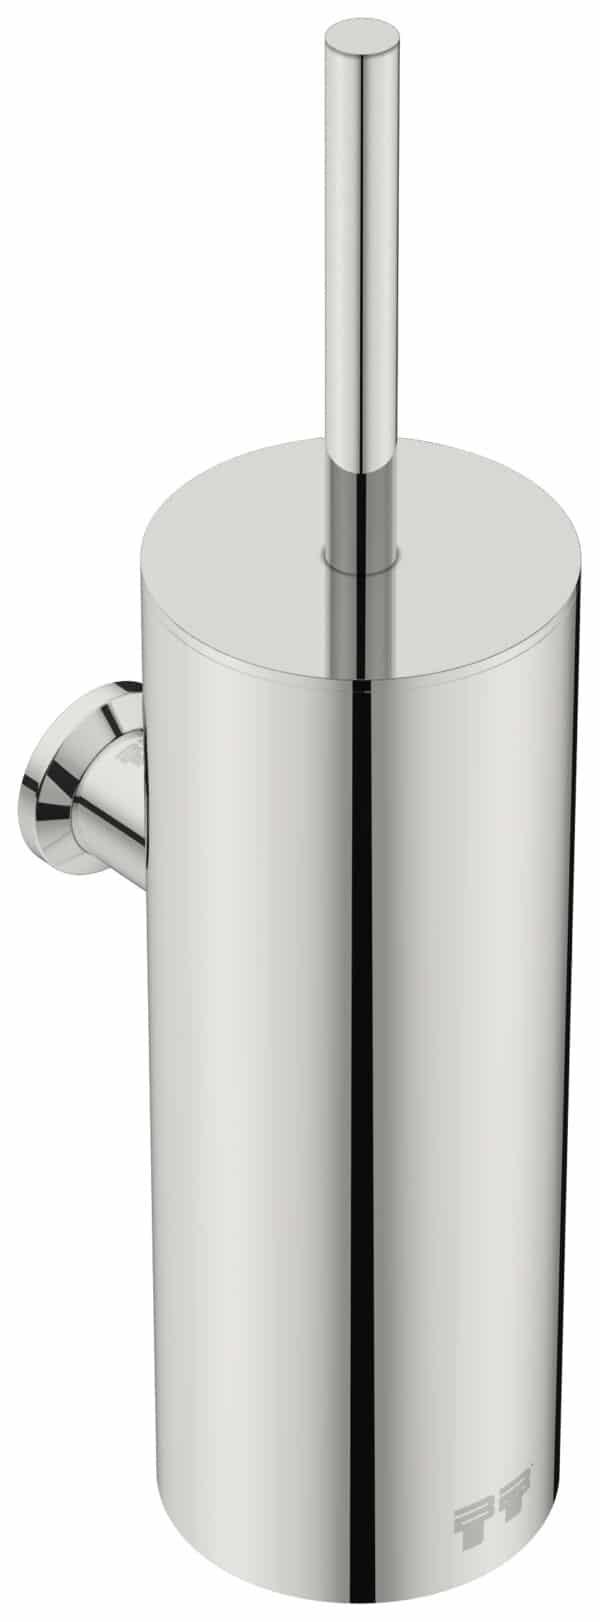 BATHROOM BUTLER 9135 Toilet Brush 250mm WM- Closed -Hi Res